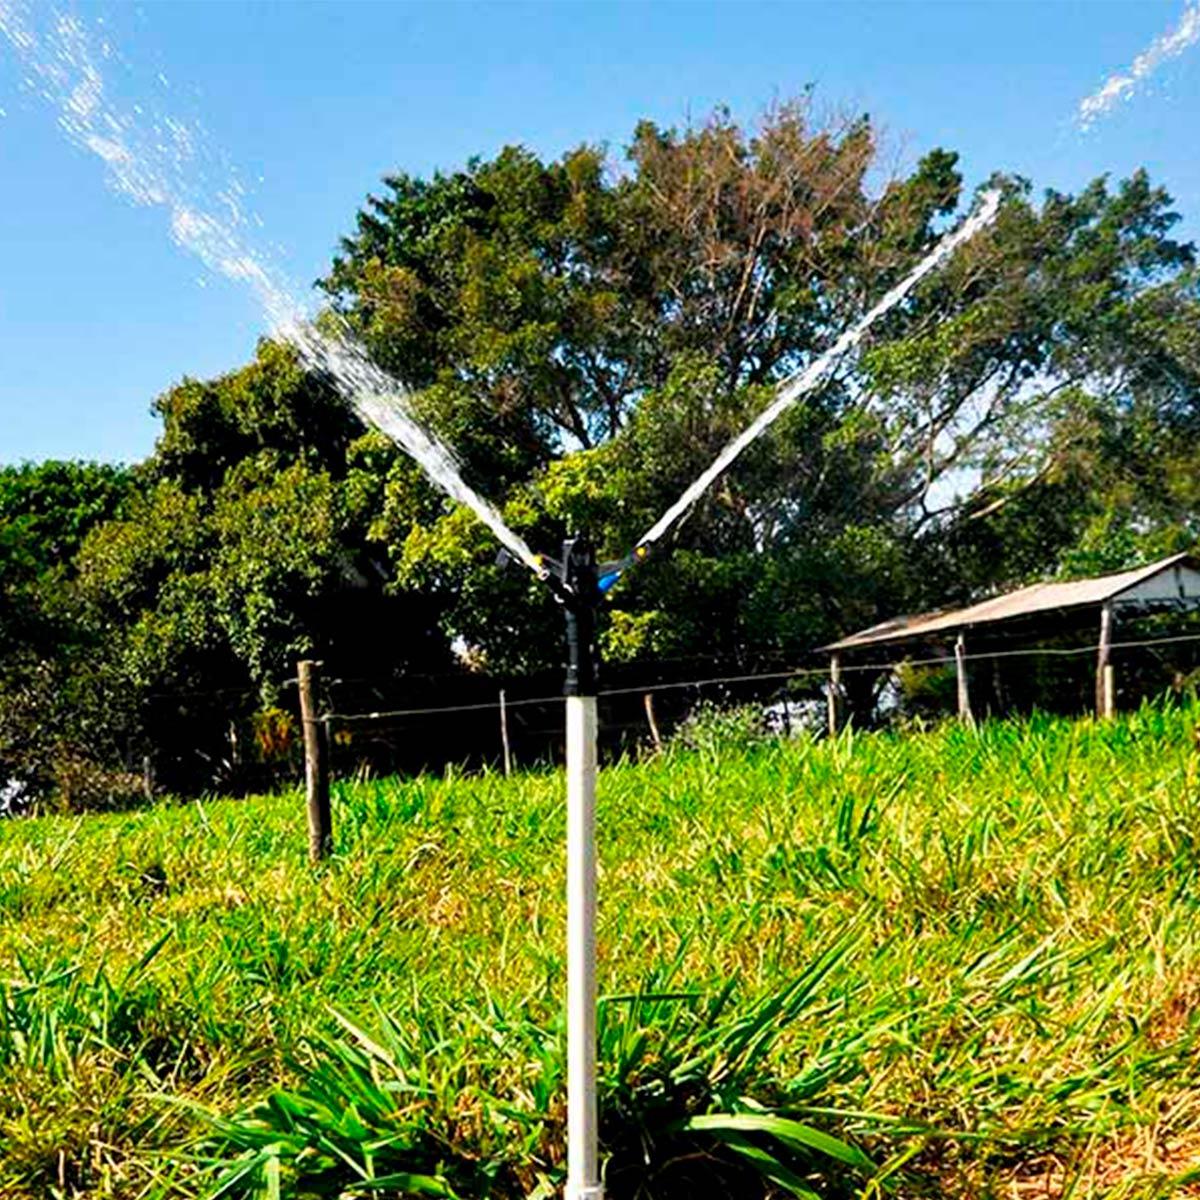 Aspersor Agrícola Irrigação 5mm Agrojet Com Regulagem